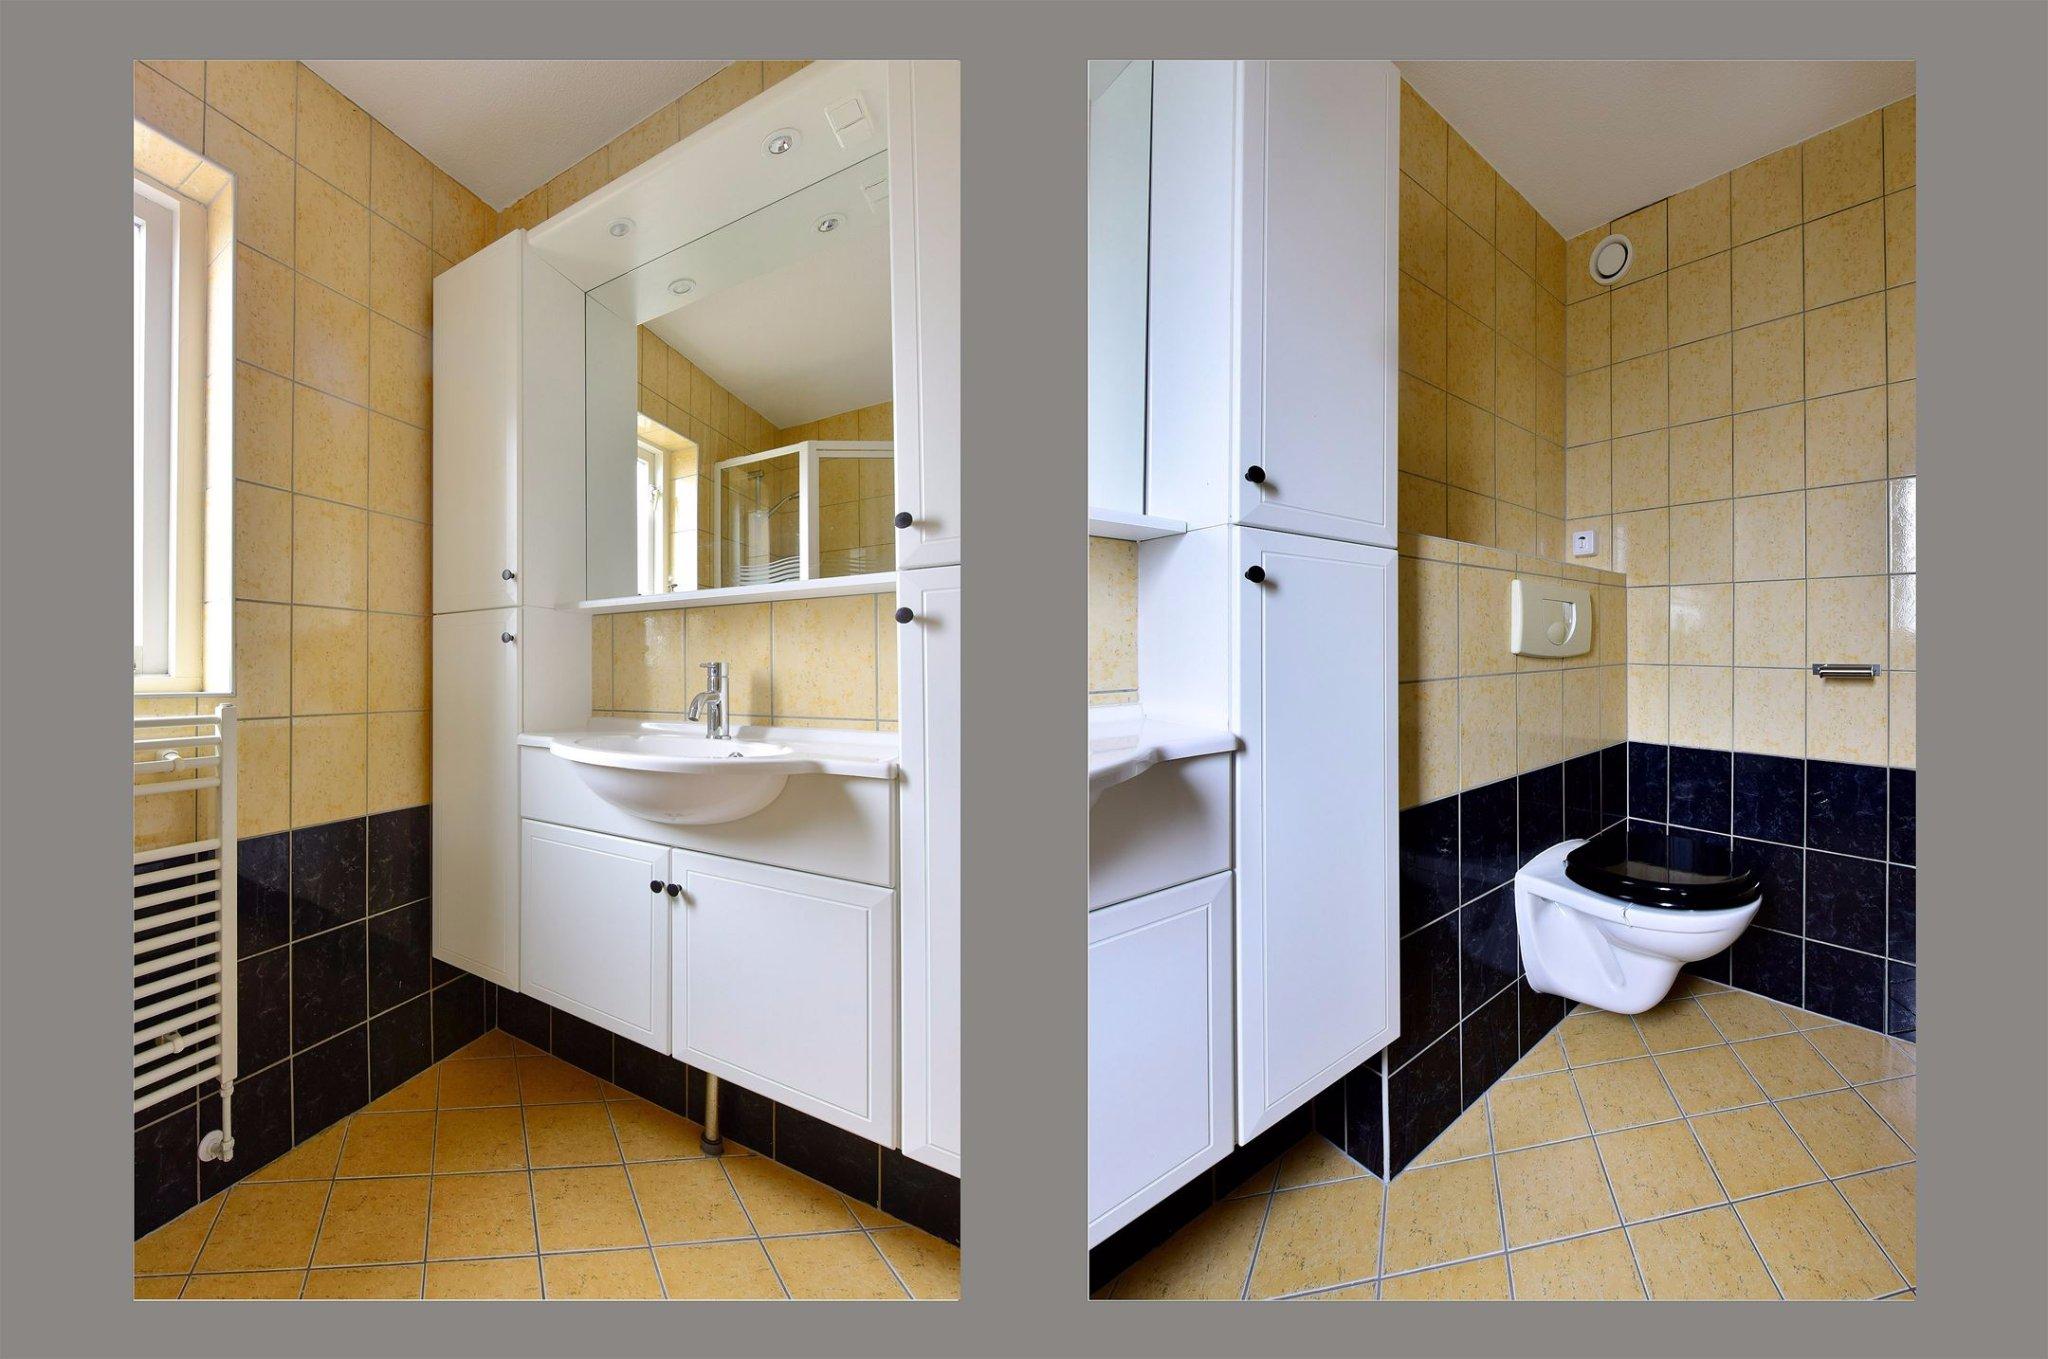 Waterleidingen en elektra verleggen vloerverwarming aanleggen werkspot - Huidige badkamer ...